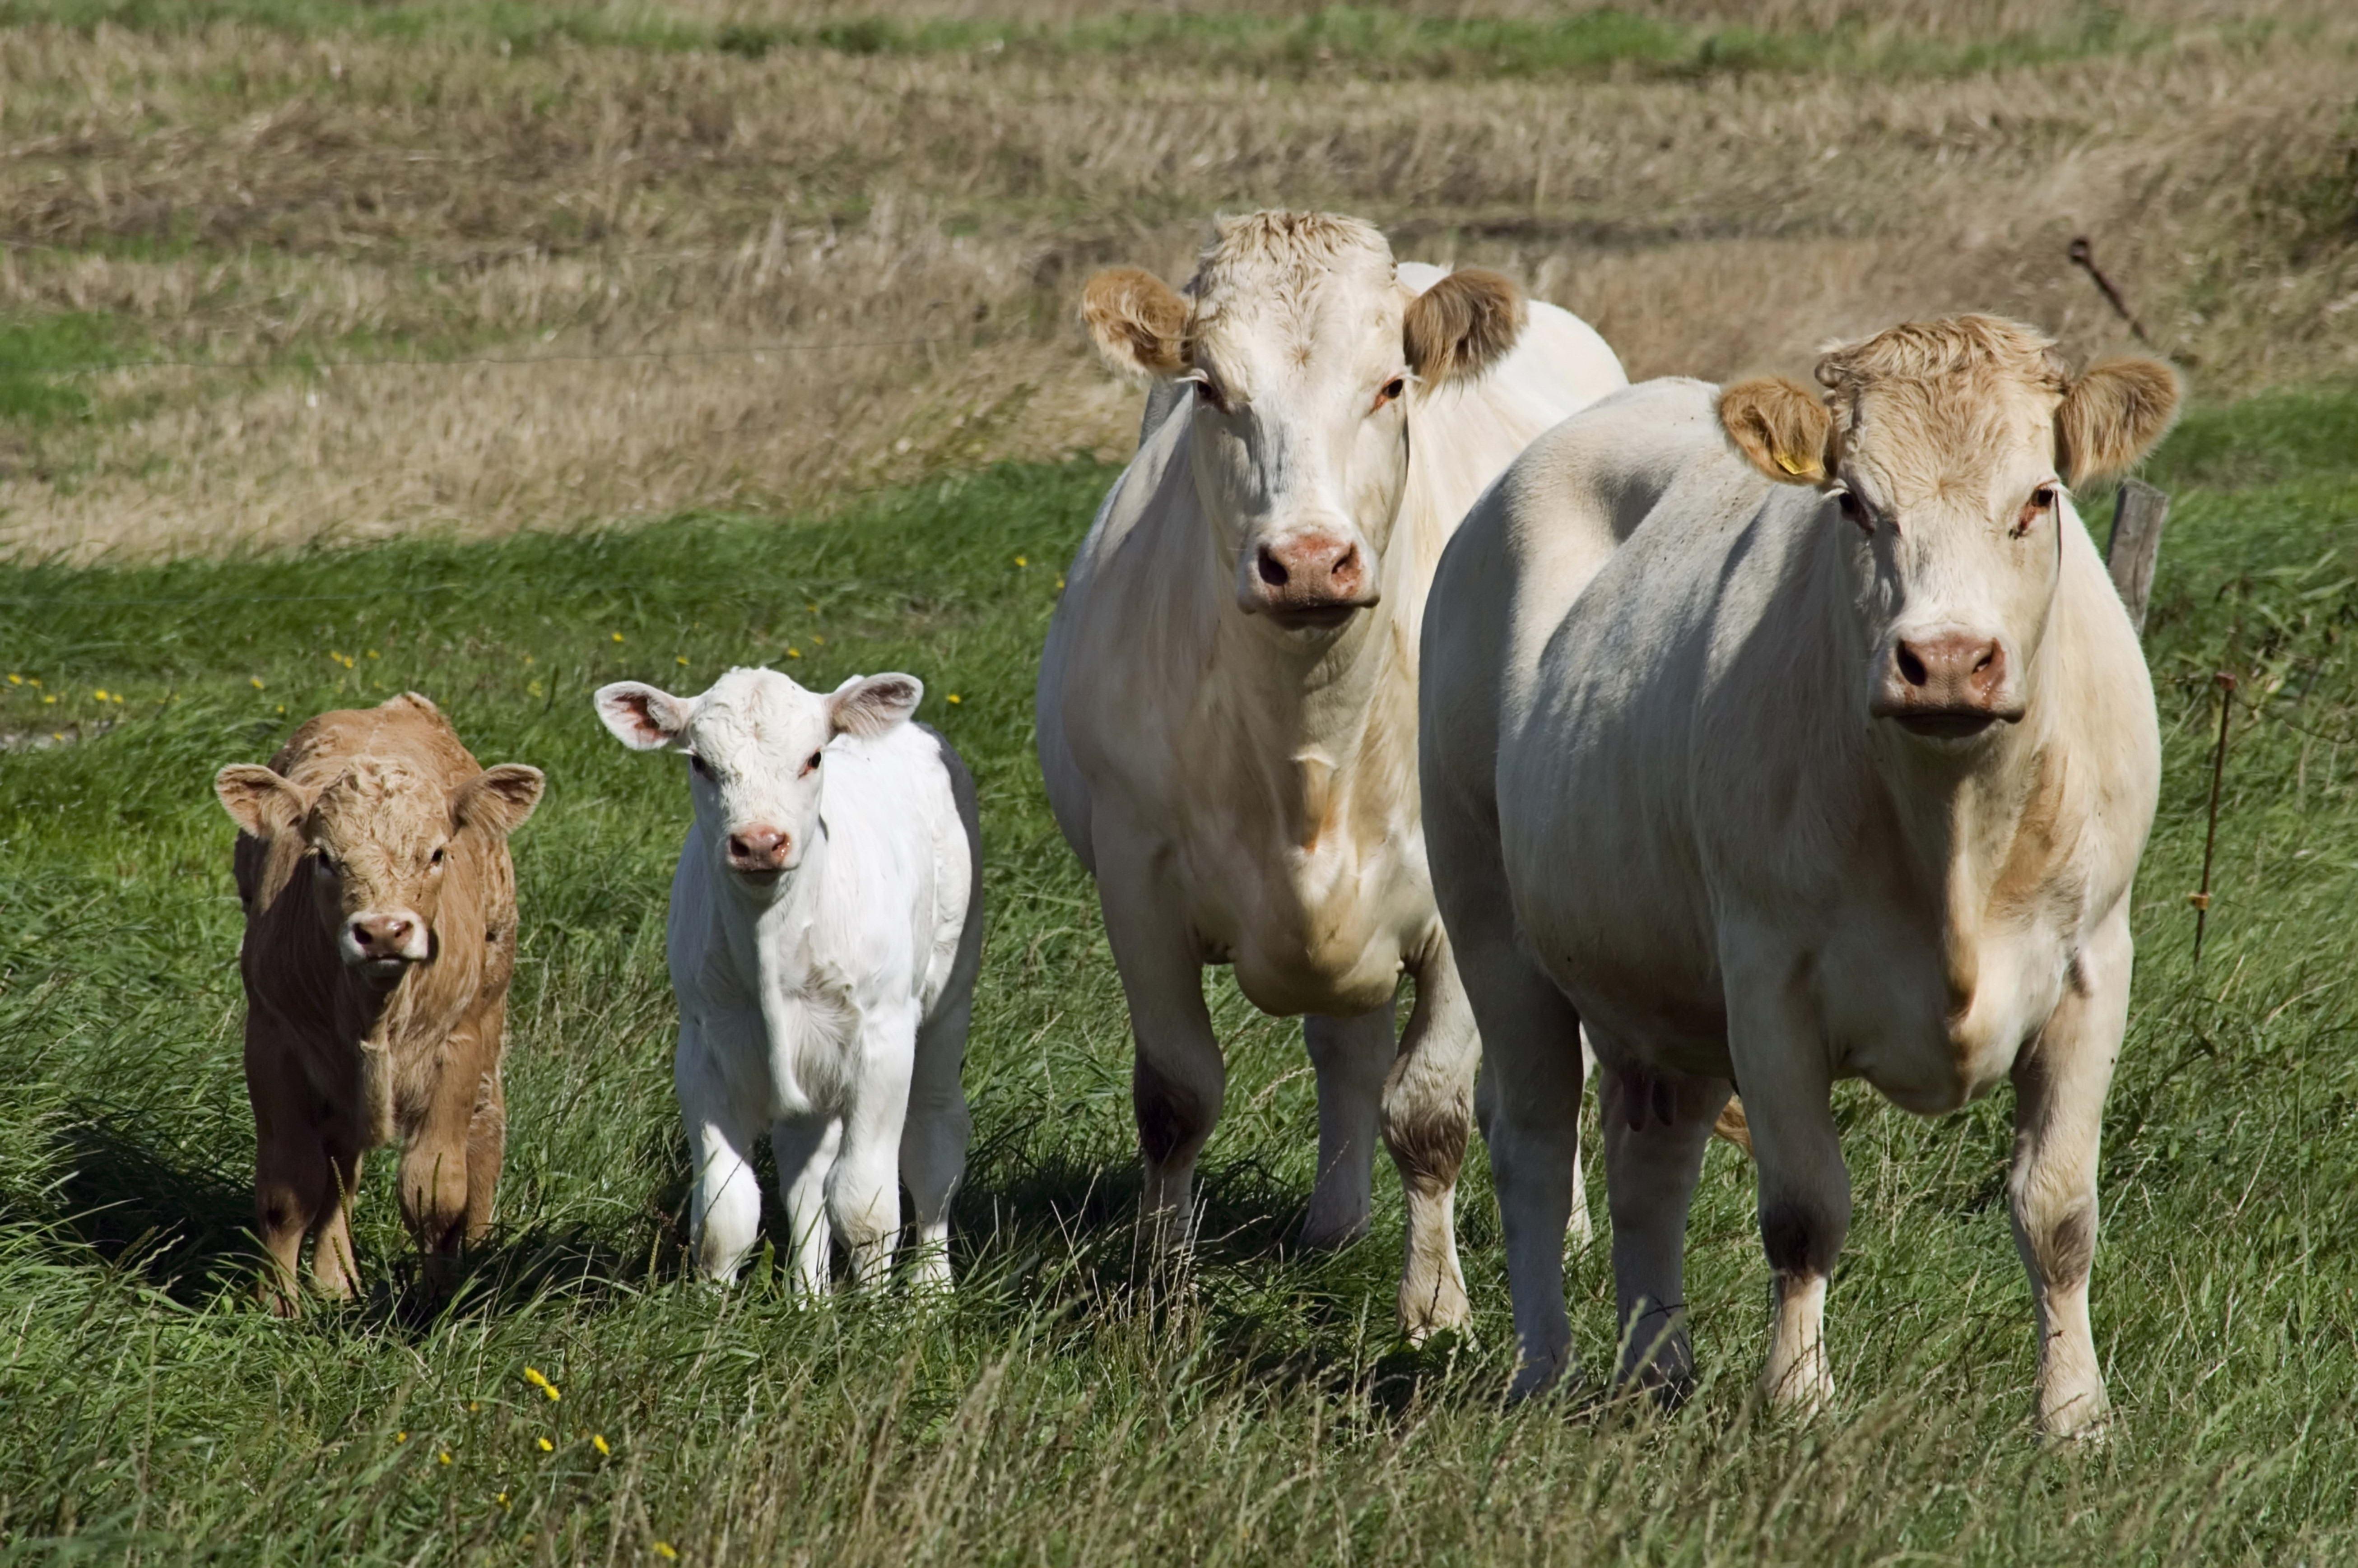 68101 скачать обои Животные, Телята, Трава, Прогулка, Коровы - заставки и картинки бесплатно